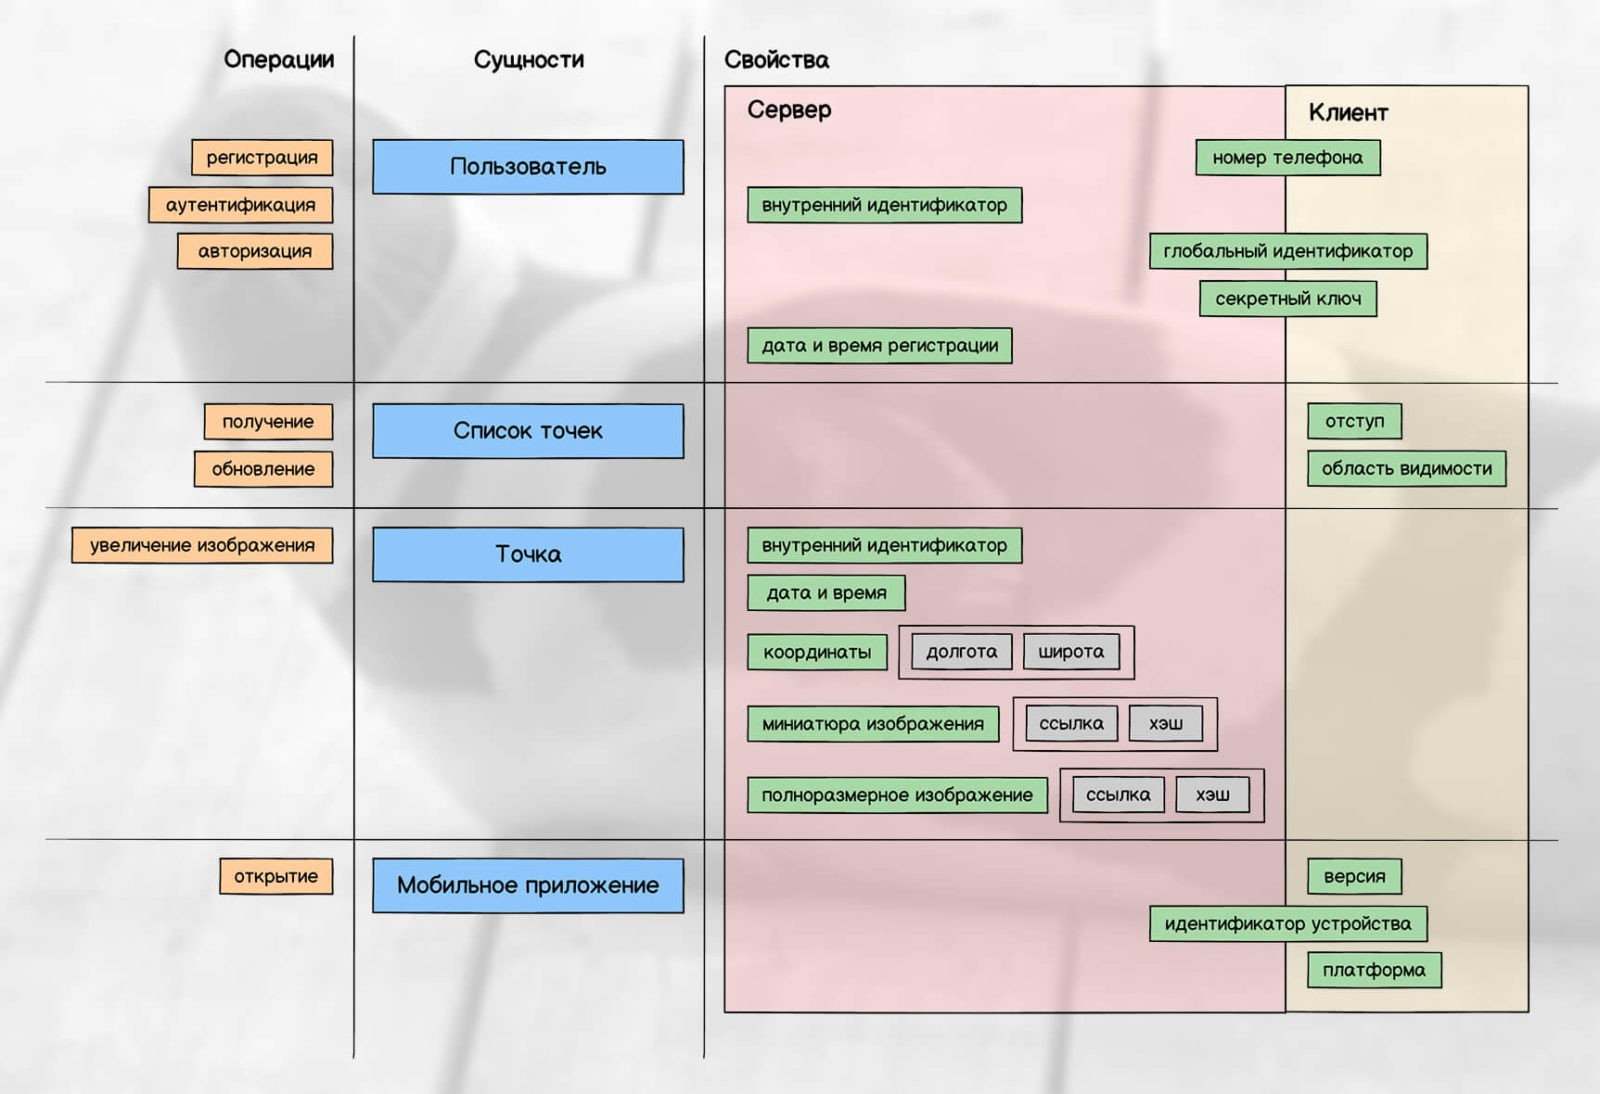 Структура данных приложения